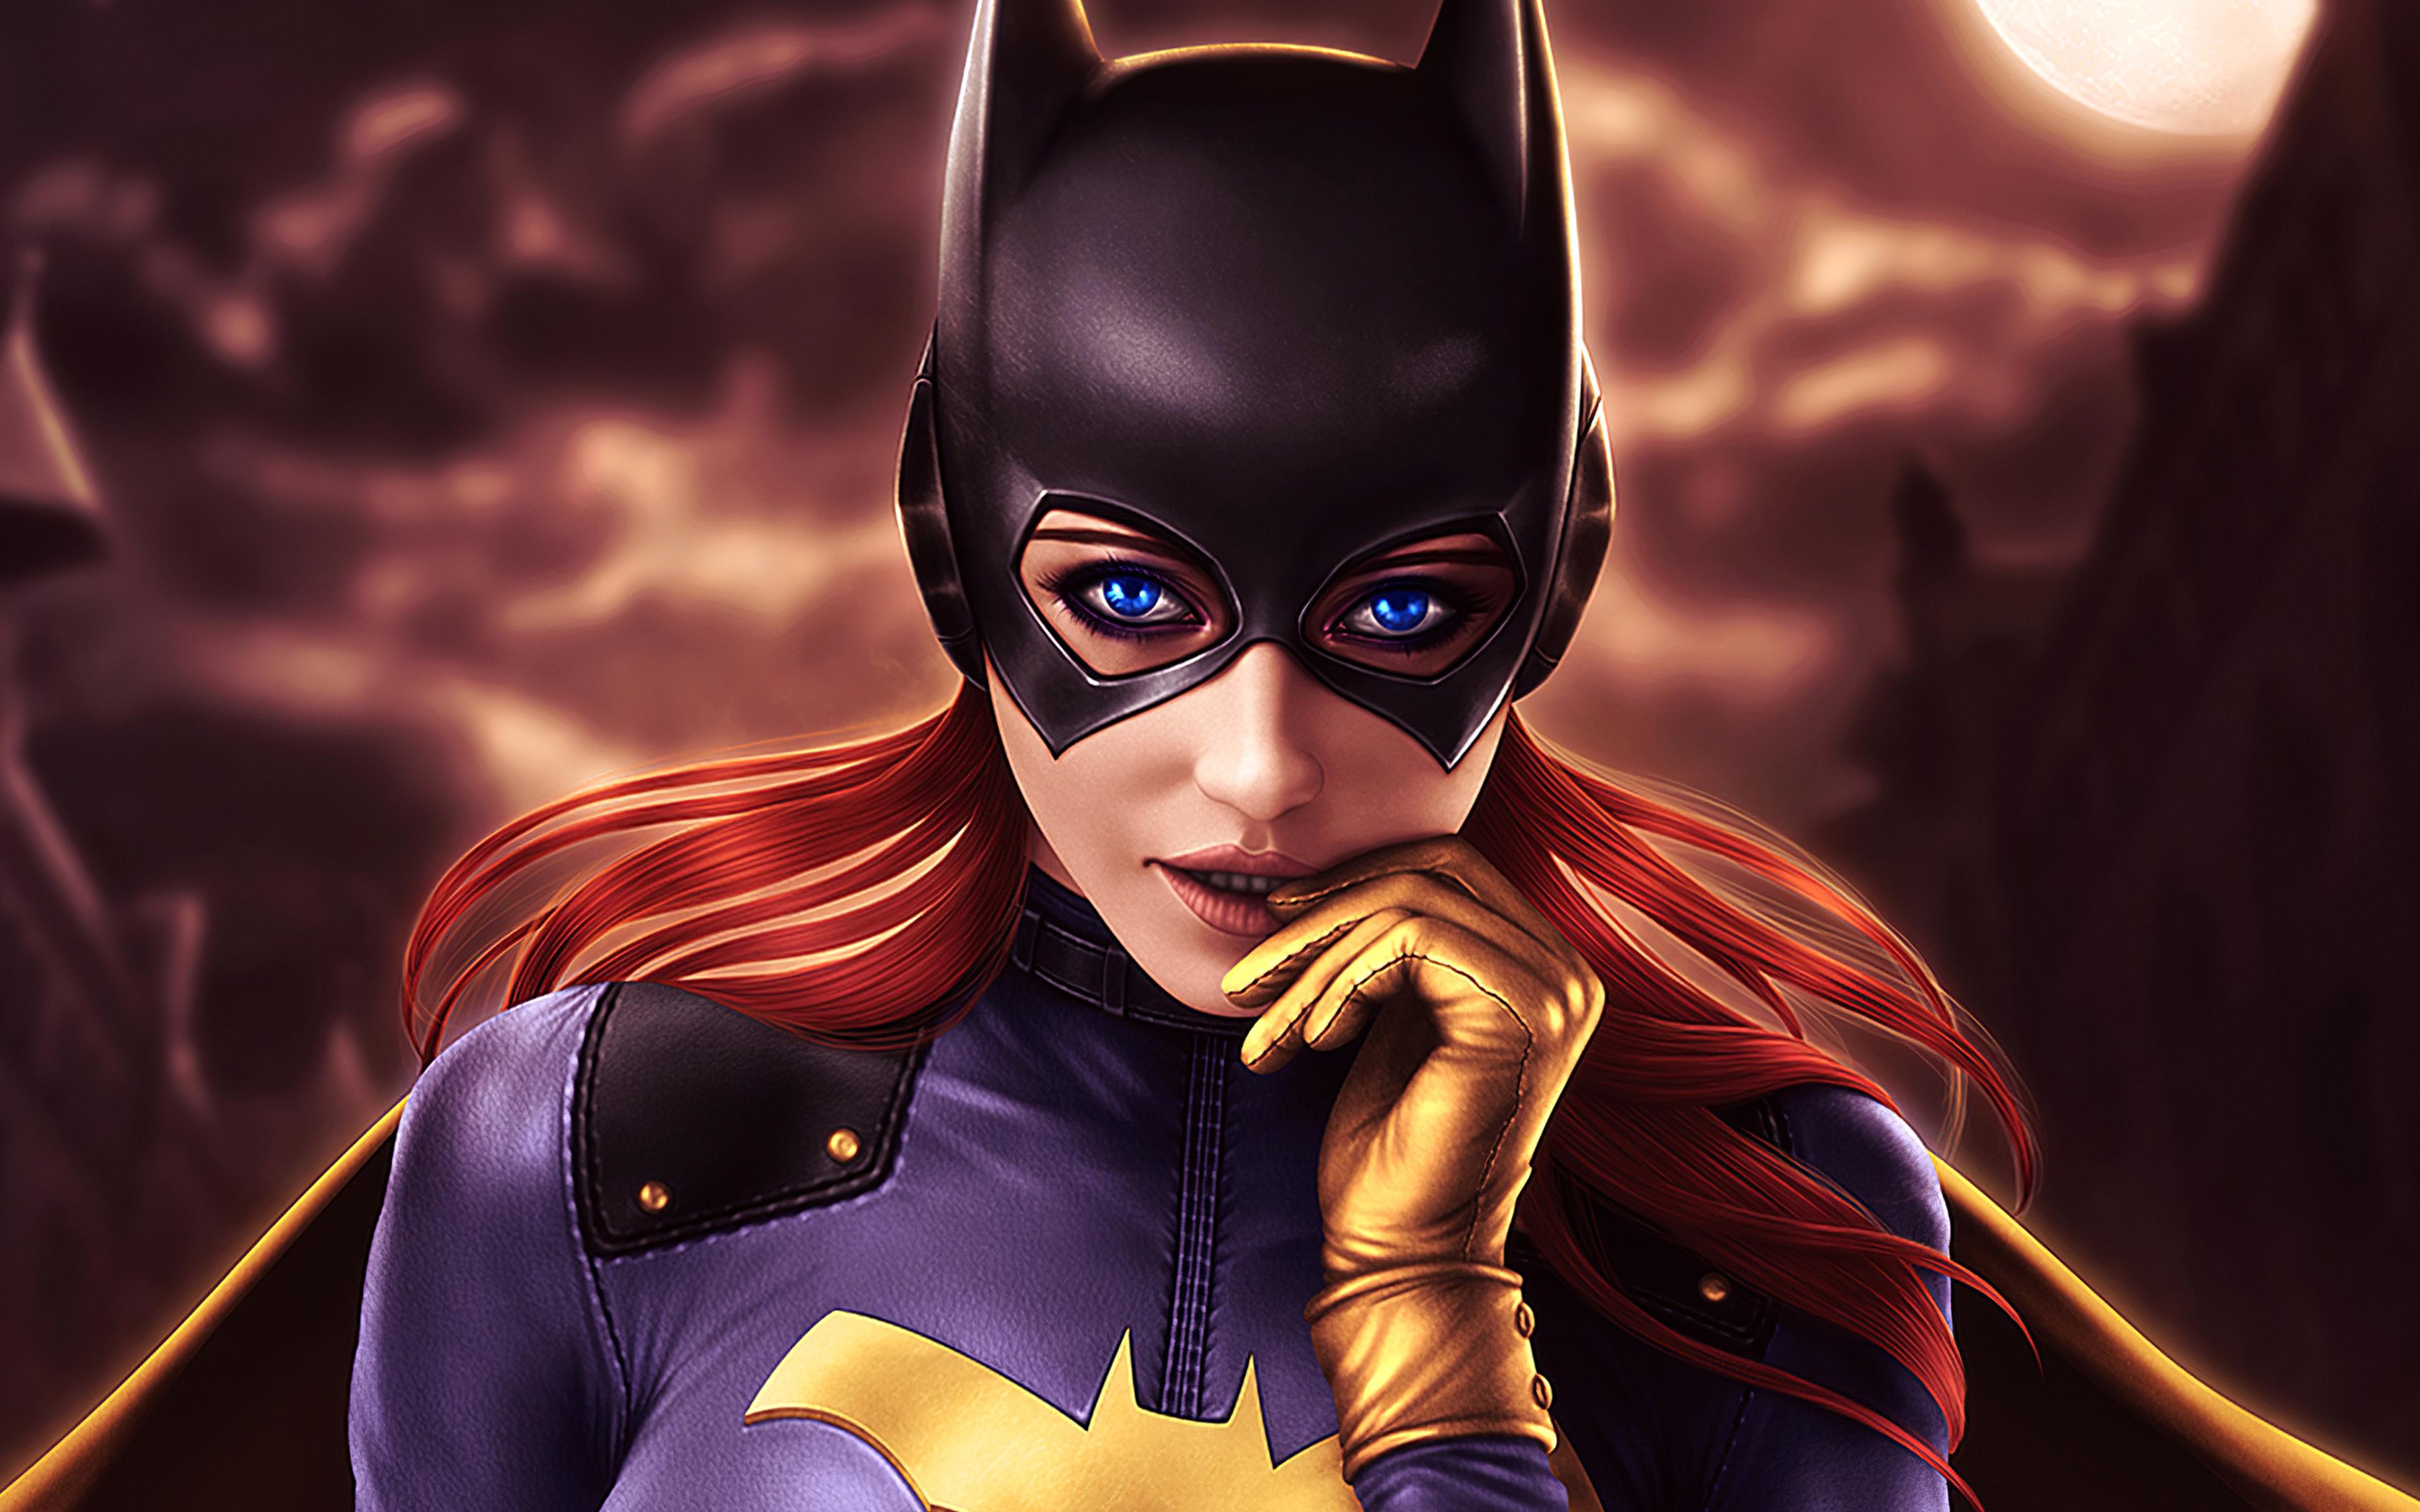 batgirl-city-angel-4k-26.jpg